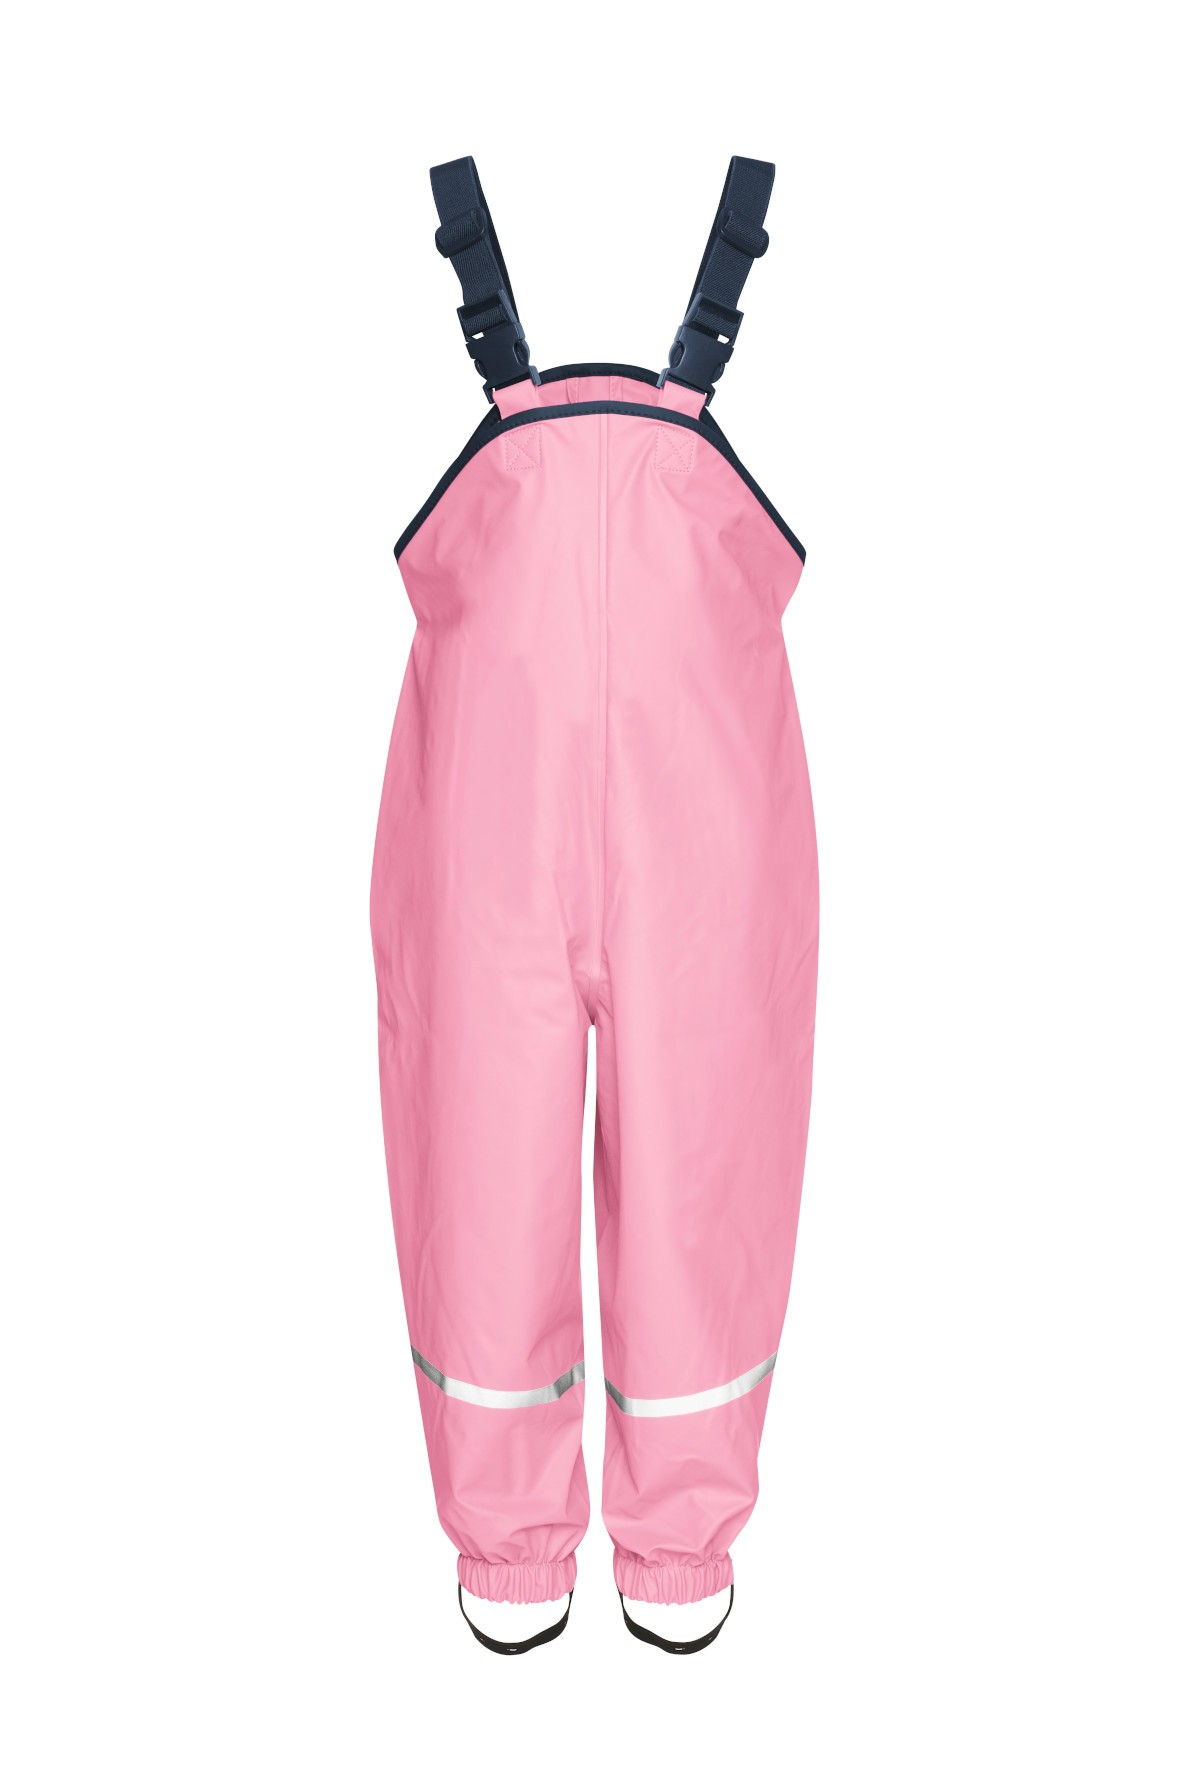 Spodnie przeciwdeszczowe różowe z odblaskami